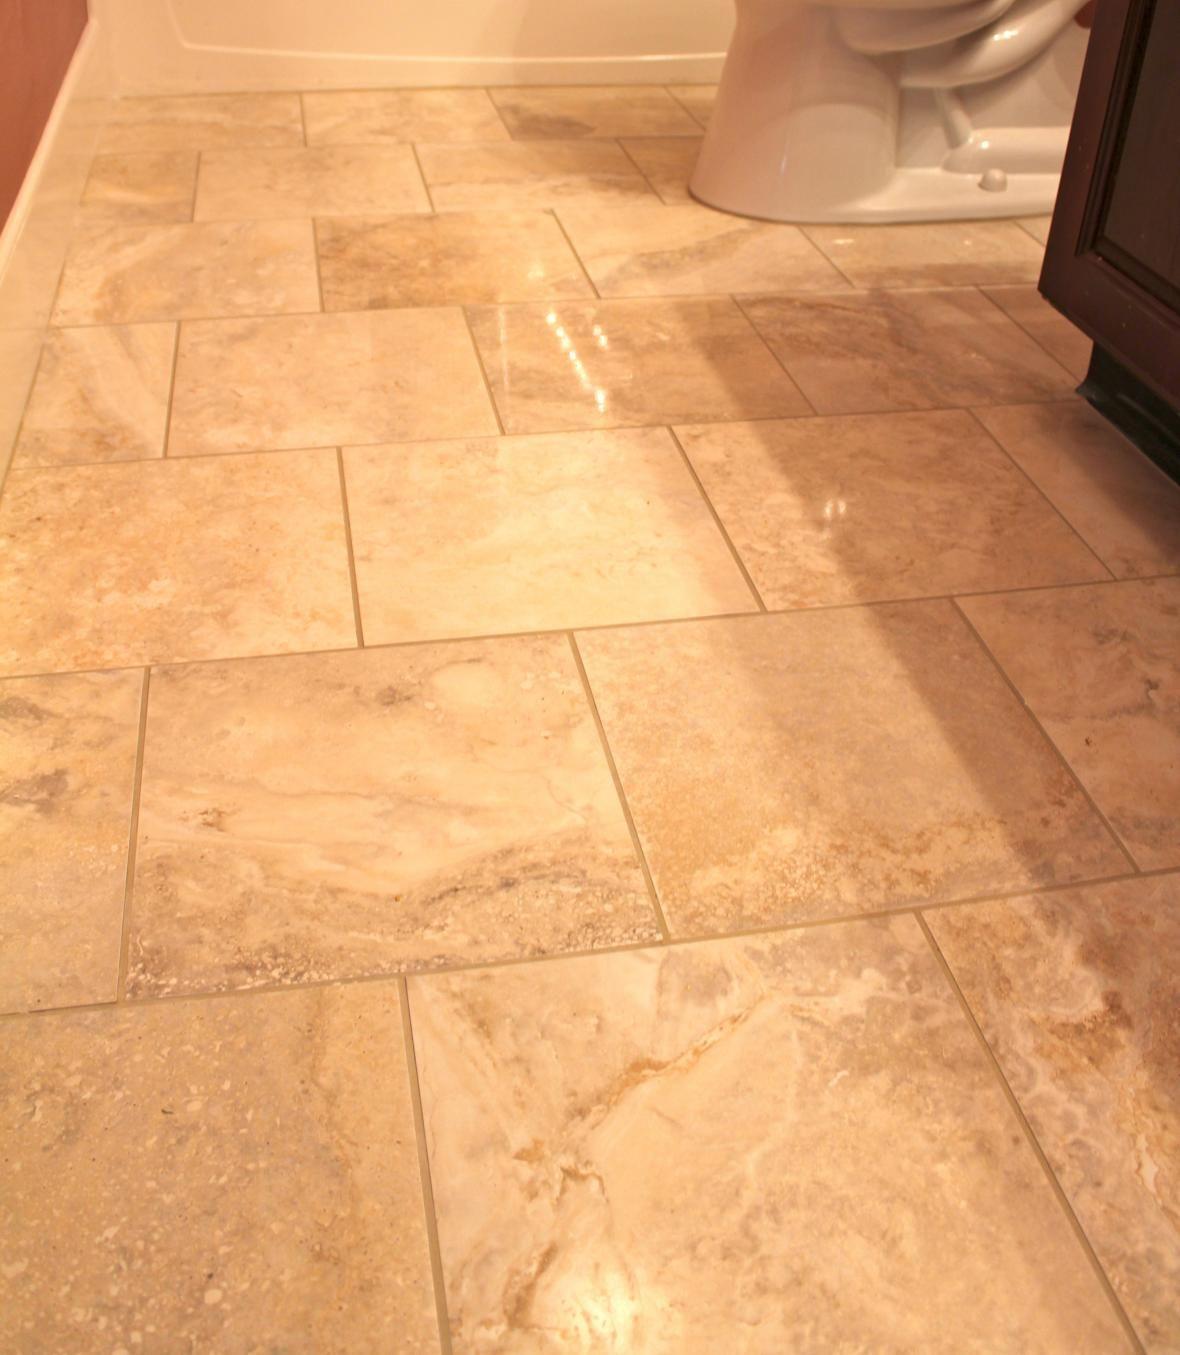 1 mln bathroom tile ideas pinteres 2017 bathroom tiles floor on about porcelain tile bathroom floor tile bathroom with glass border bathroom tiles floor dailygadgetfo Choice Image